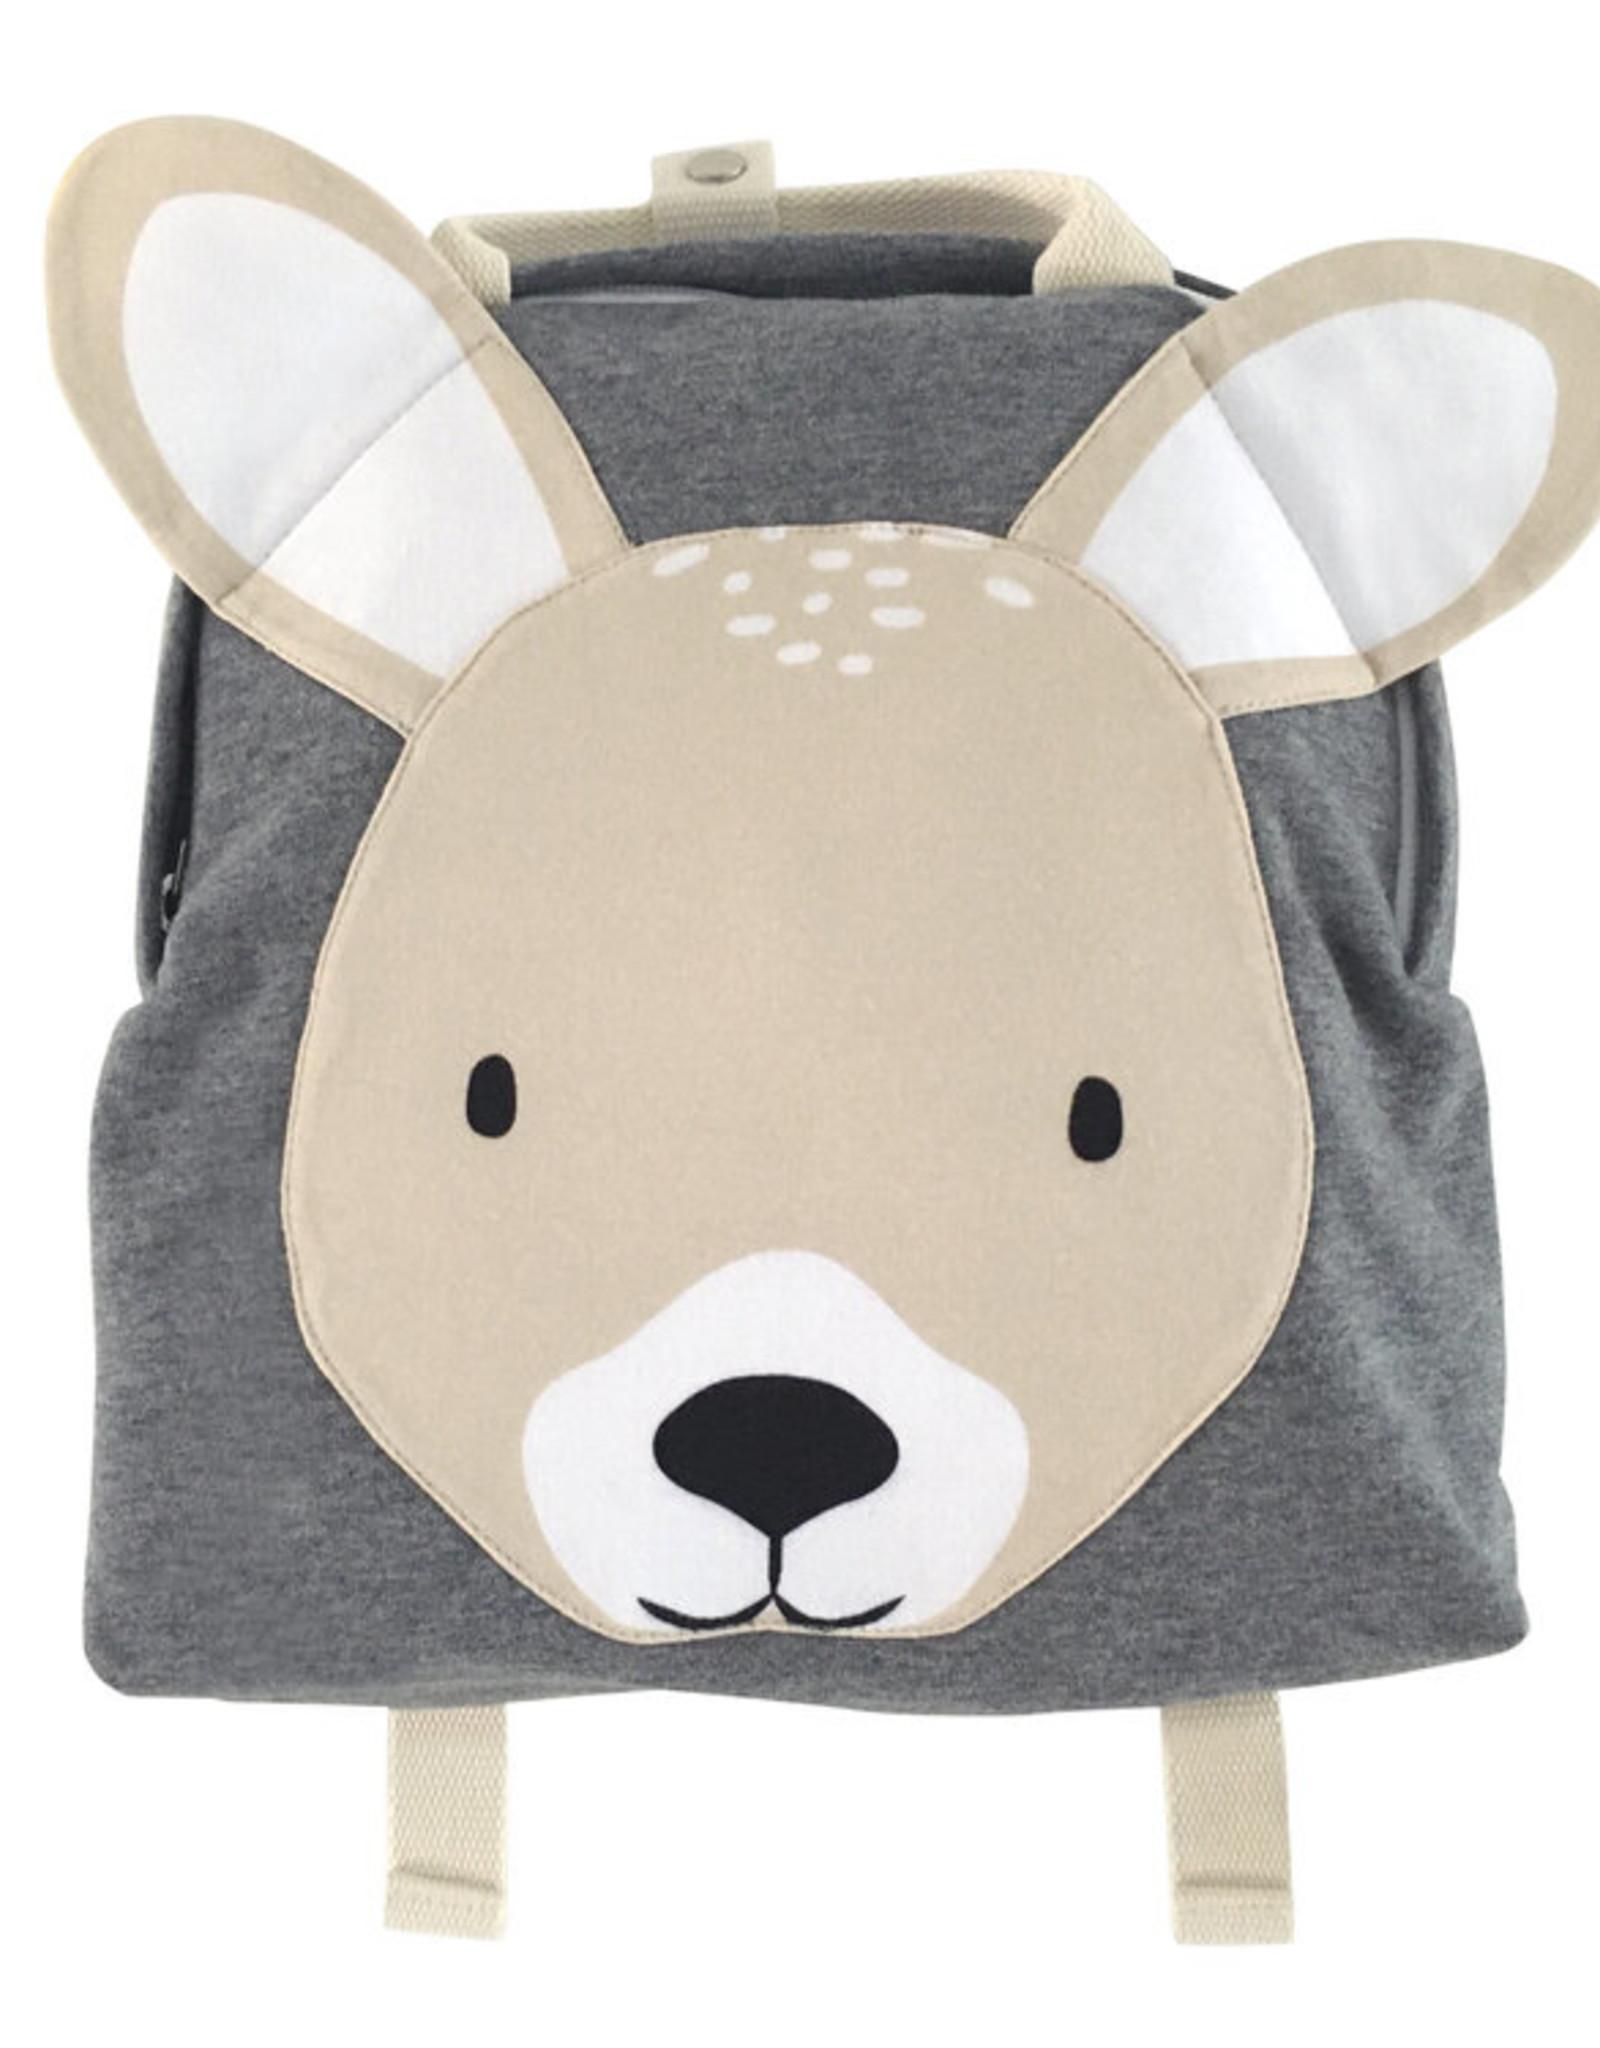 Mister Fly Mister Fly Backpack - Kangaroo